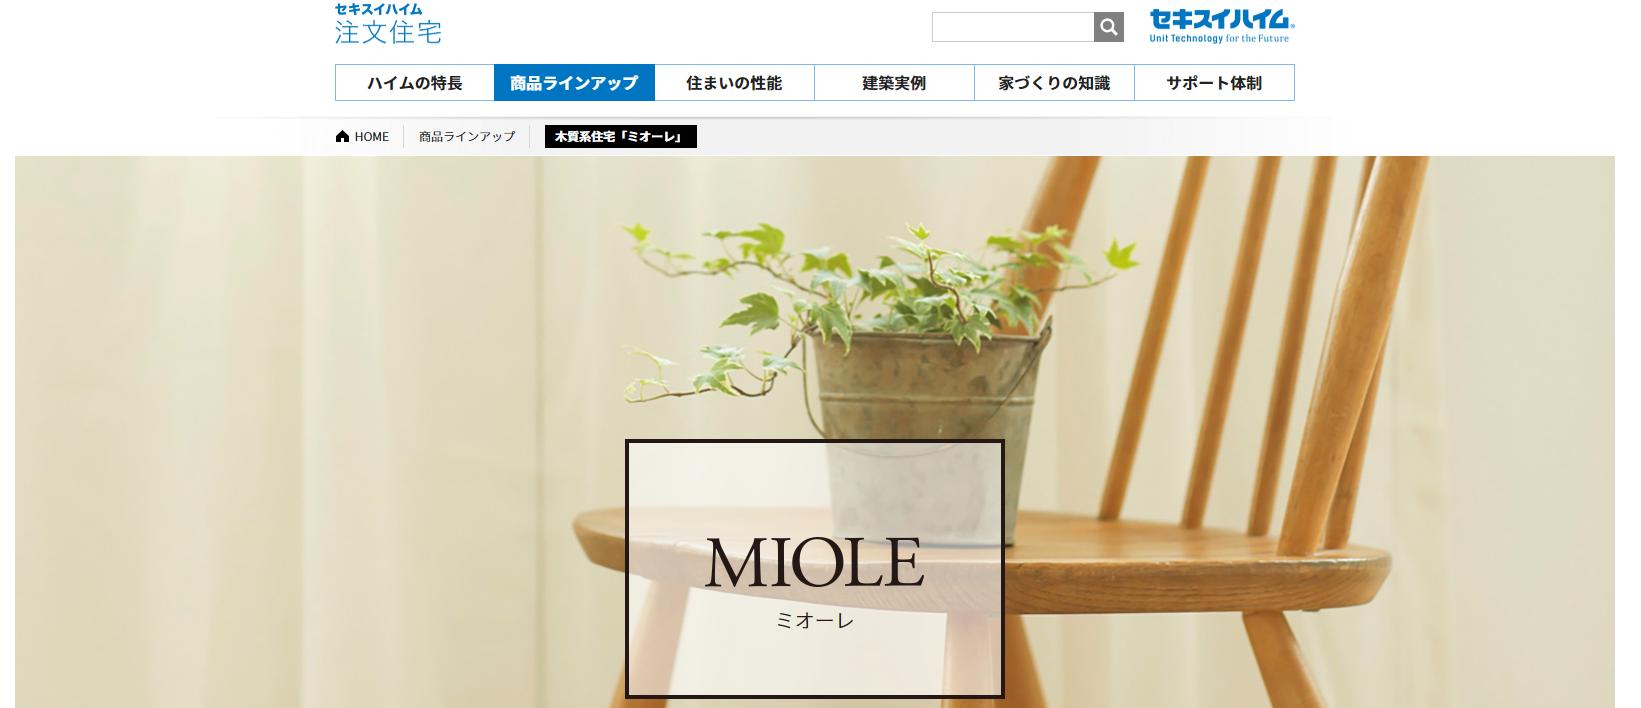 ミオーレ(セキスイハイム)の評判・口コミ【山口/20代男性】